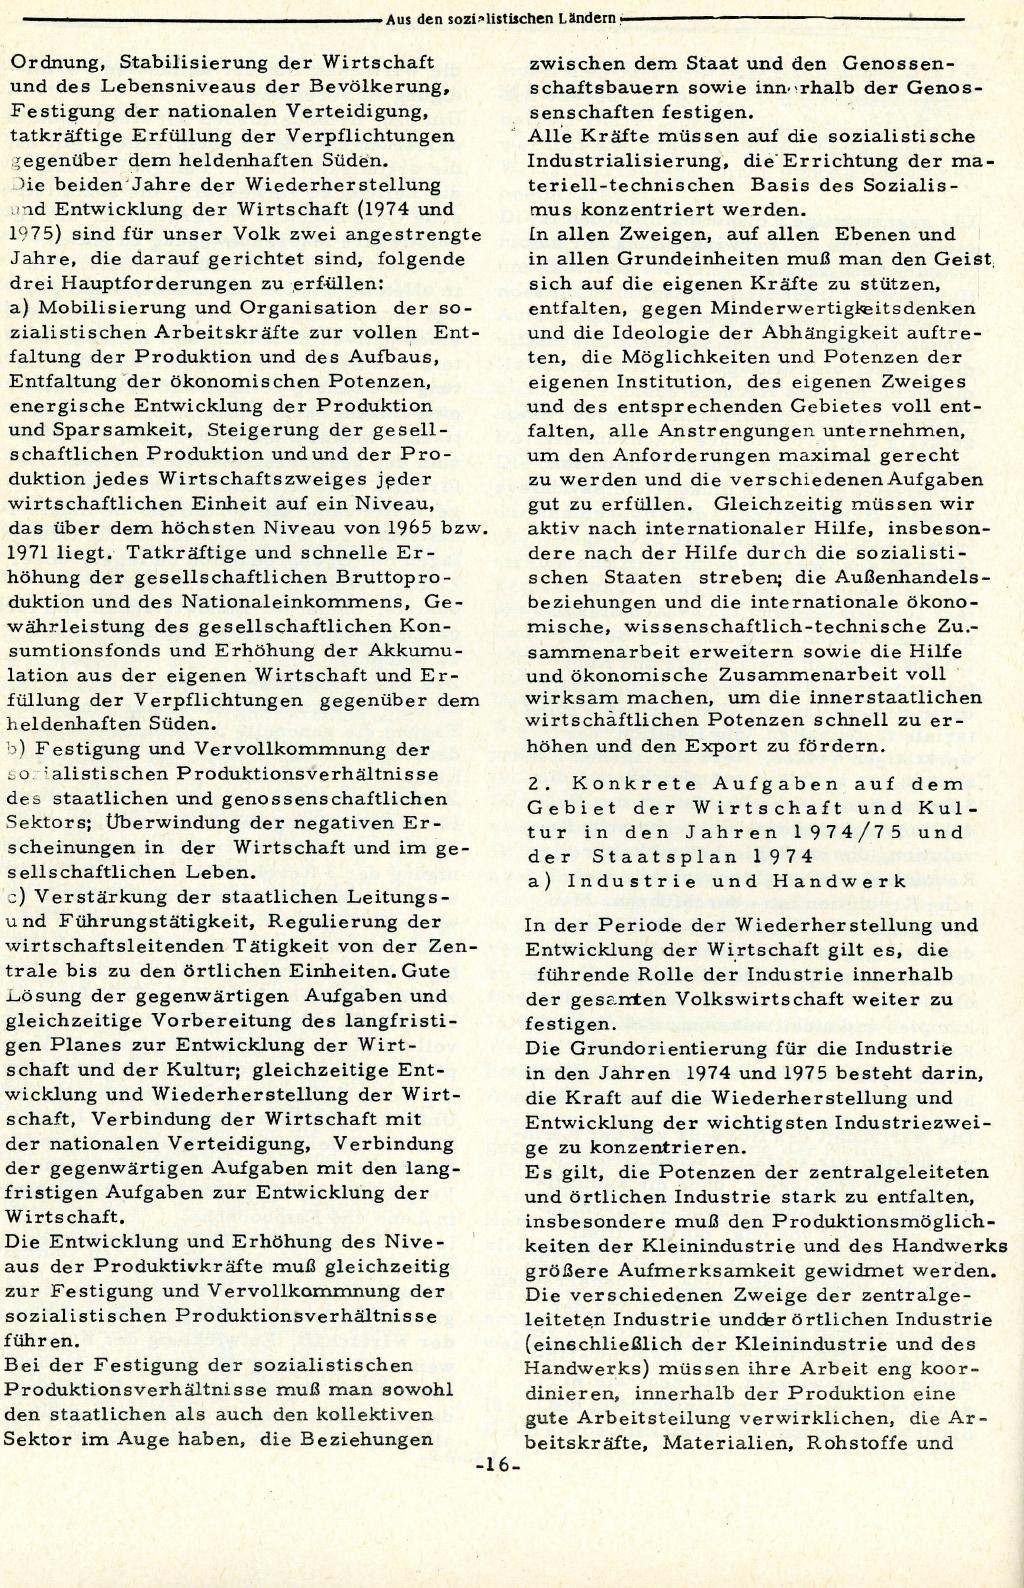 RPK_1974_24_25_16